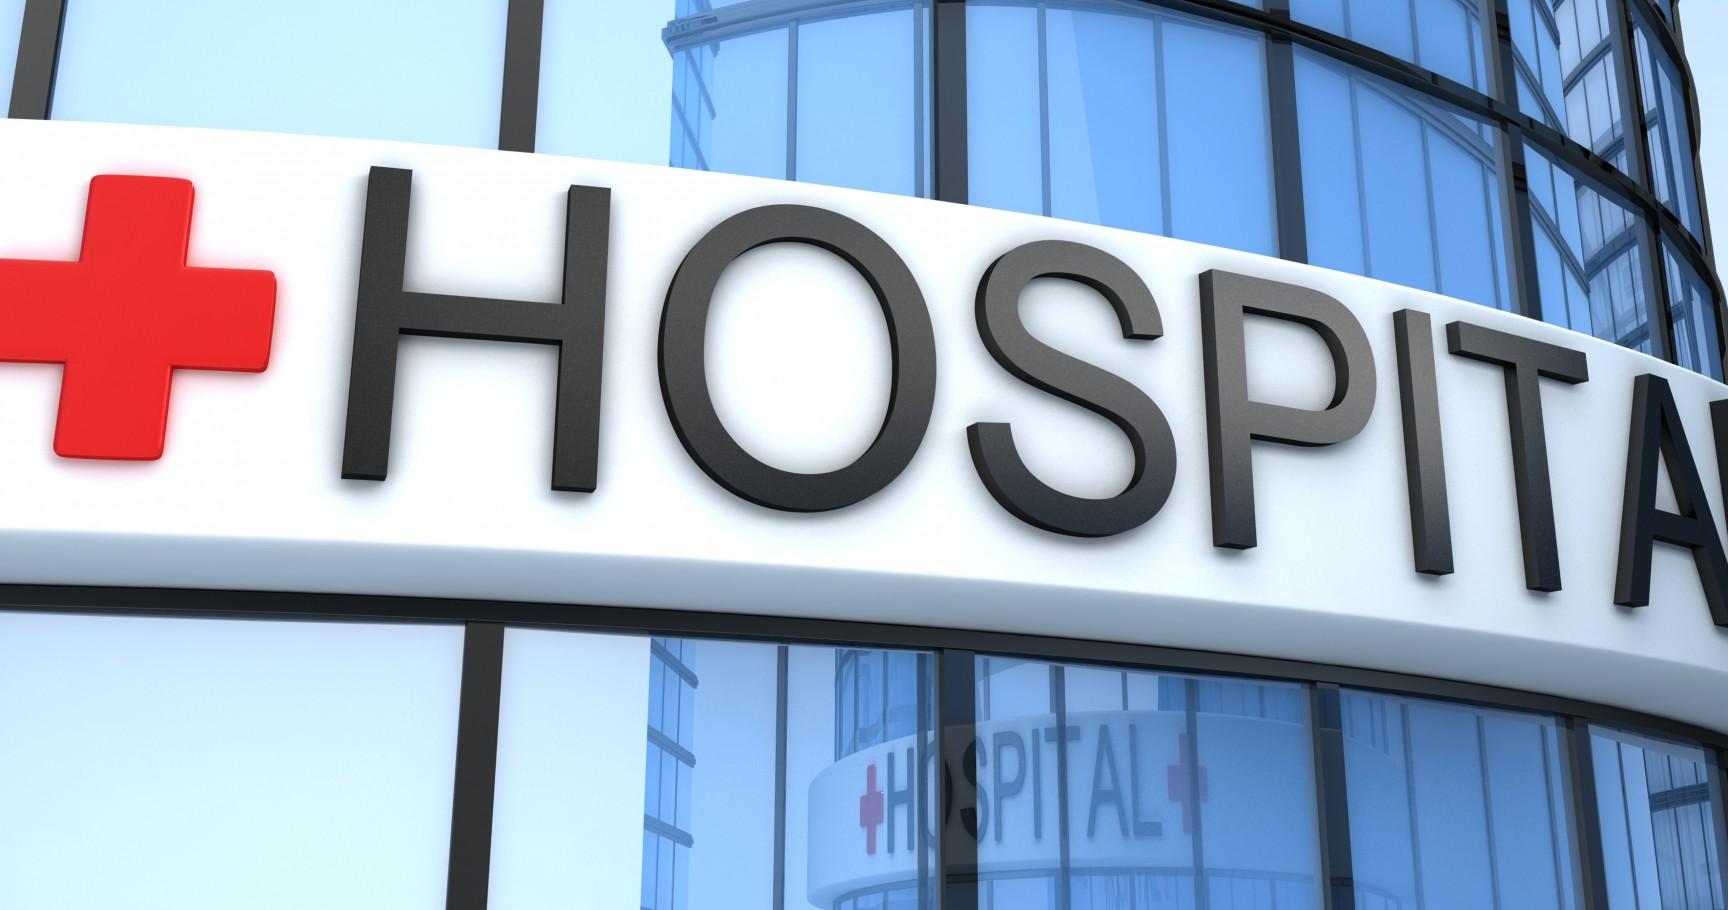 Διοικητές νοσοκομείων ακόμα και χωρίς πτυχίο! Πως ξηλώνονται οι παλιοί! Όλο το παρασκήνιο